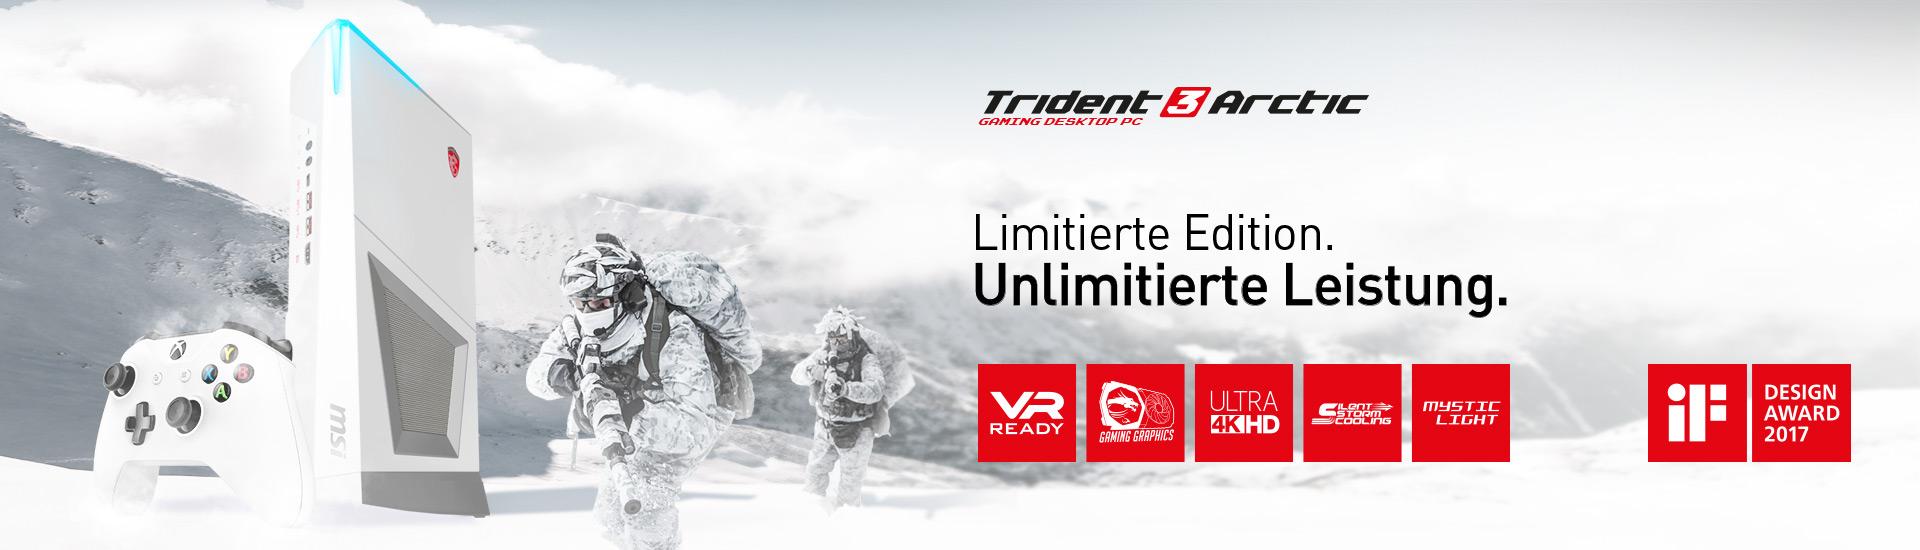 Trident 3 Arctic